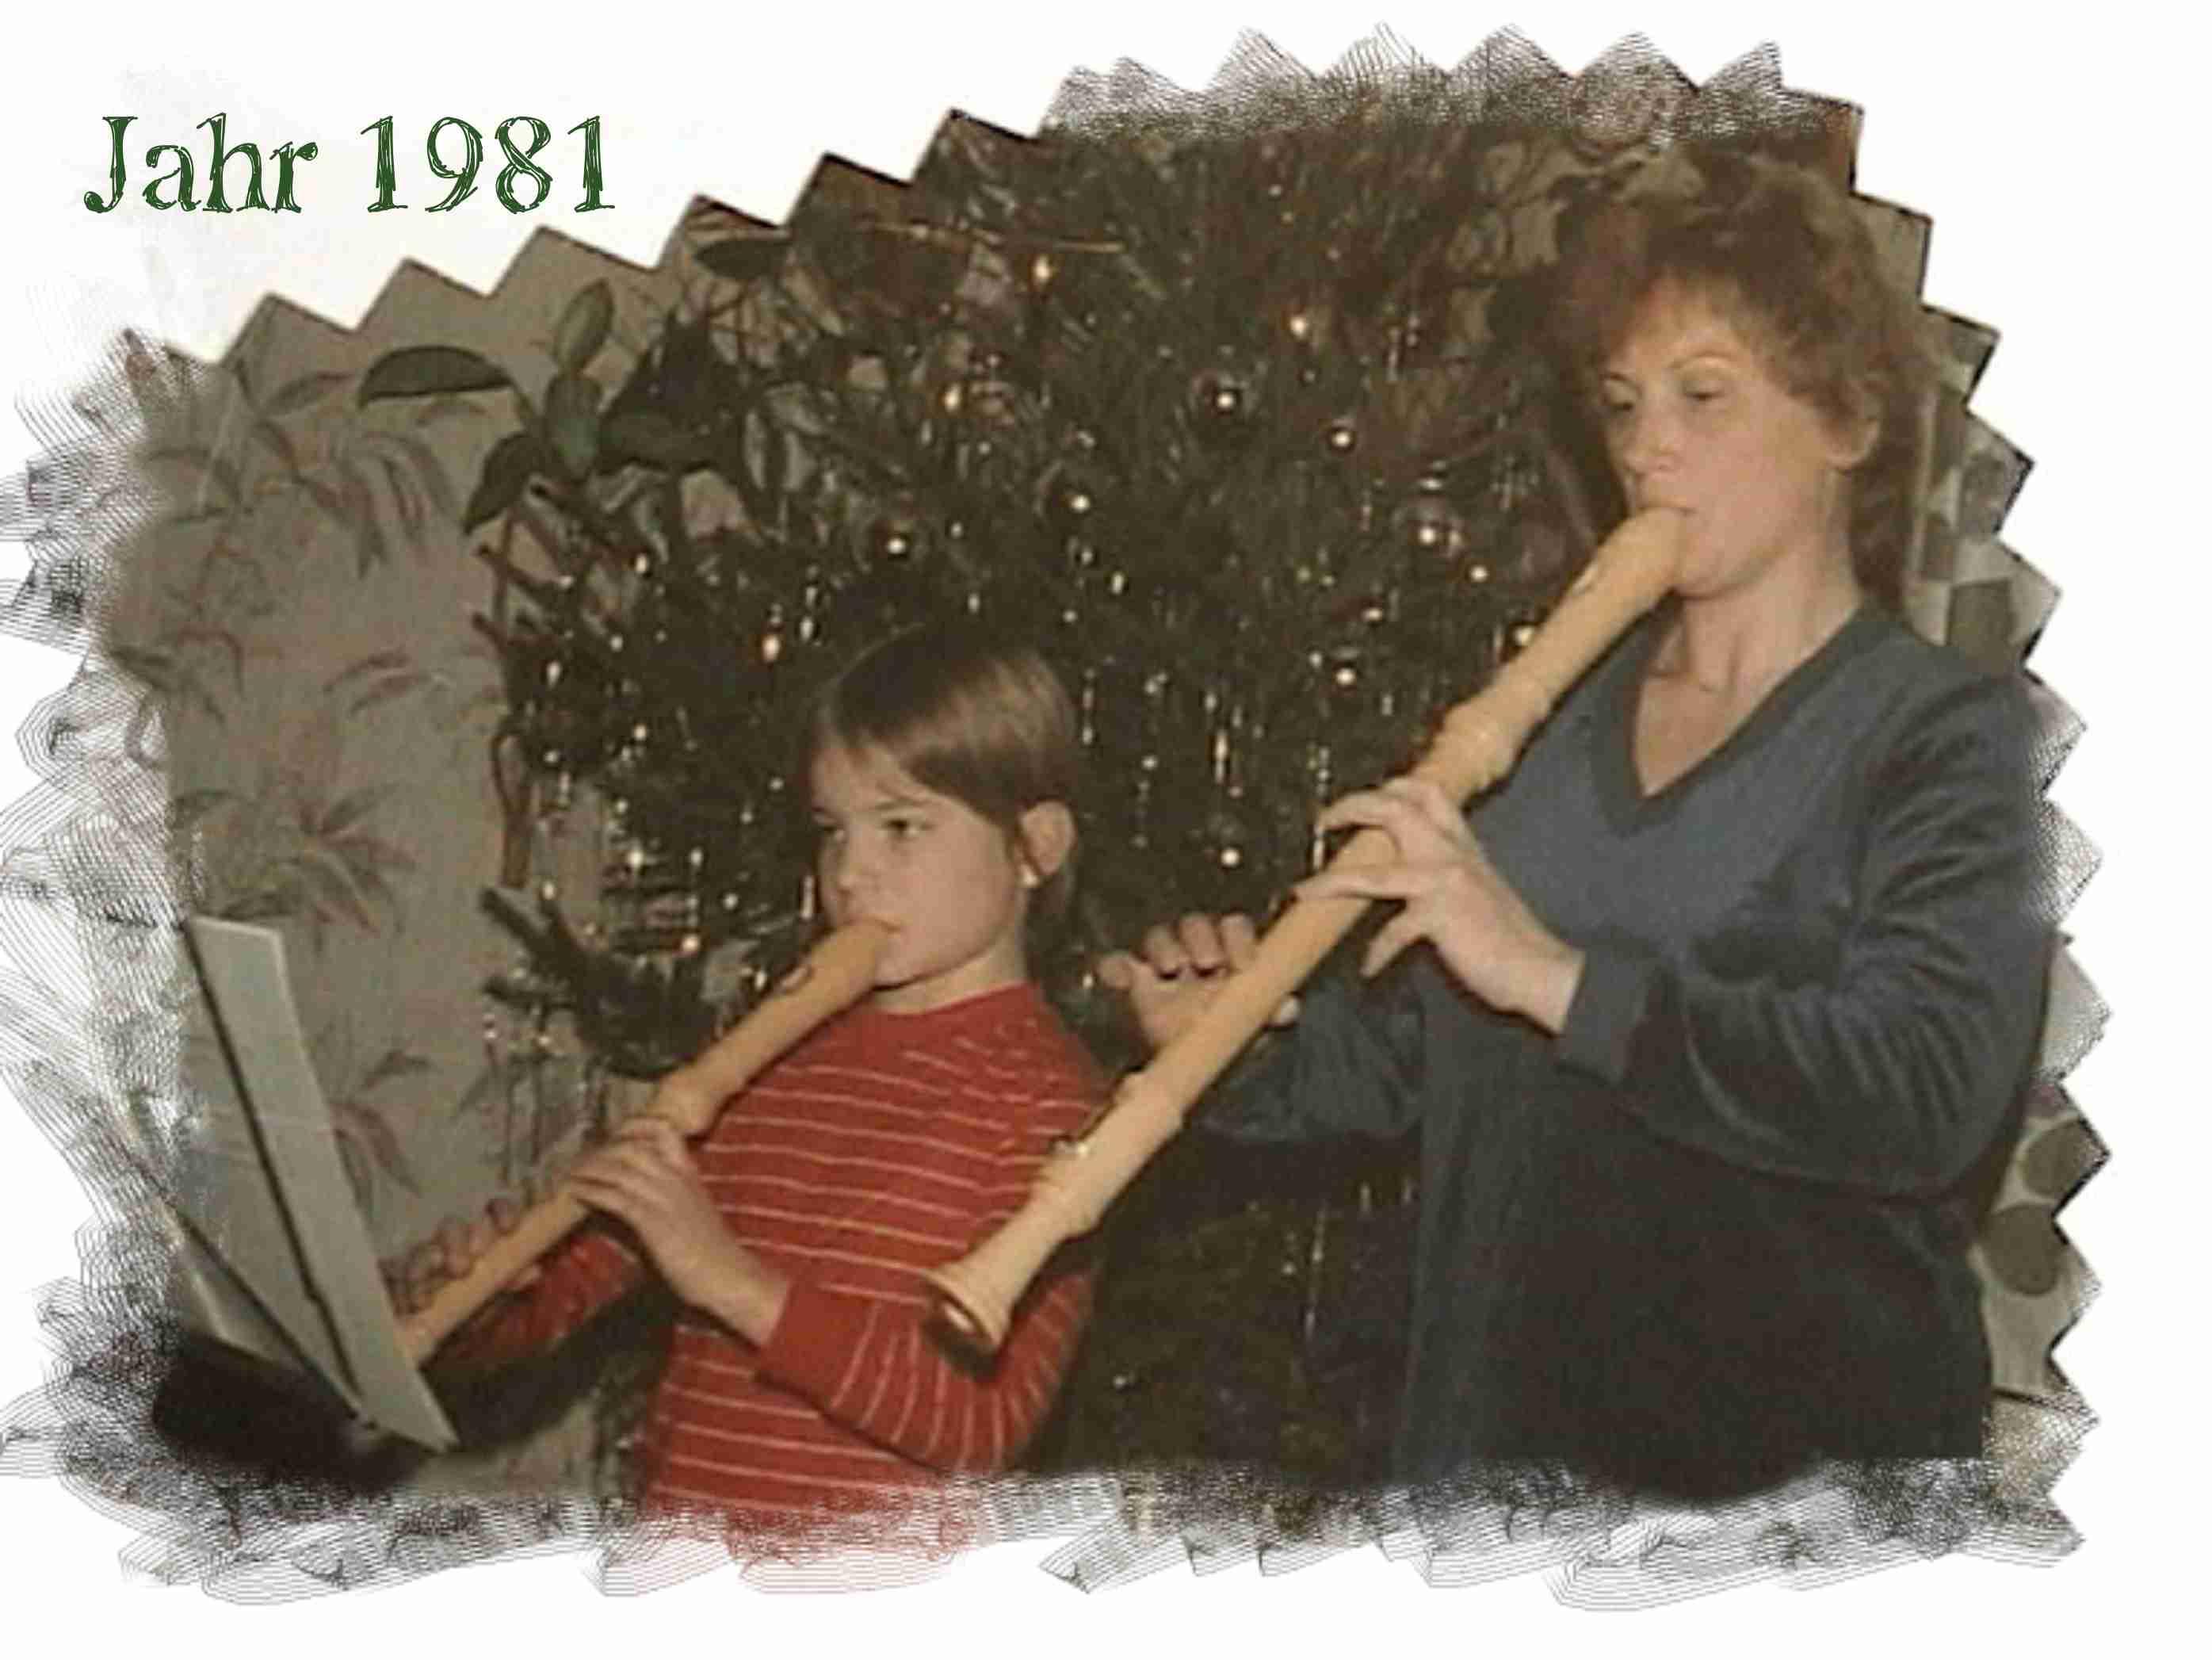 Flöten unterm Weihnachtsbaum